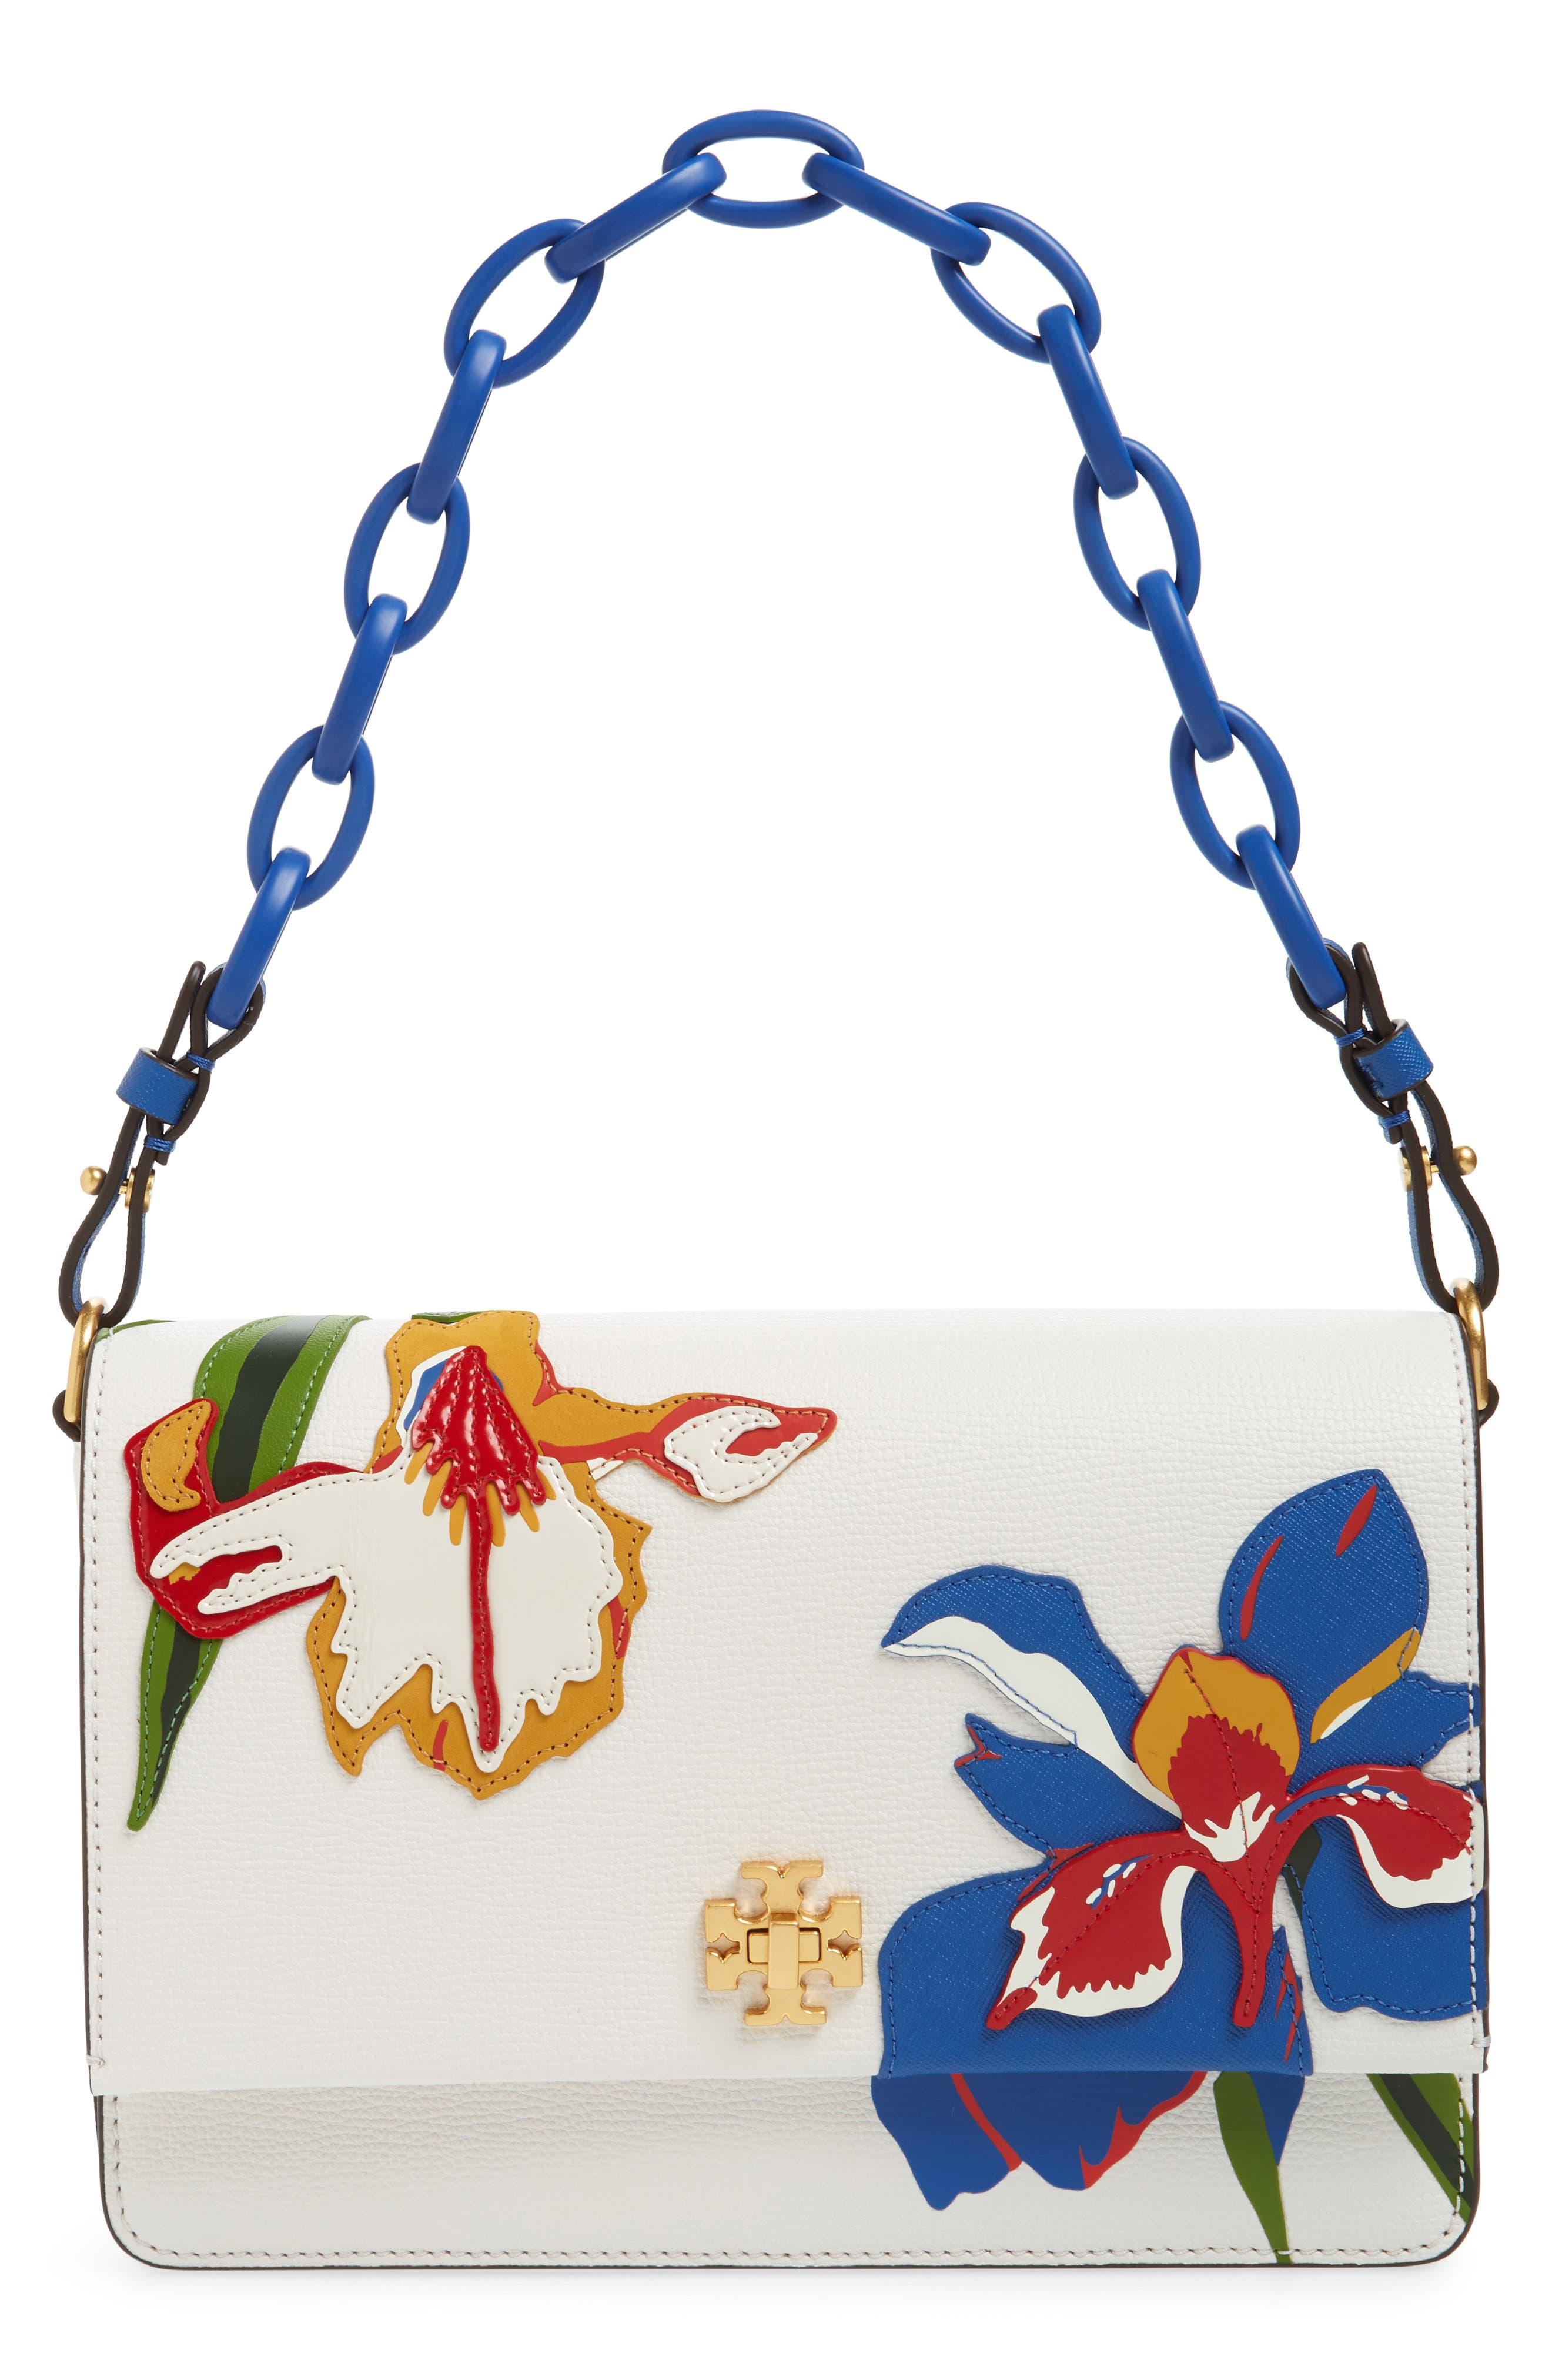 Kira Appliqué Flower Leather Shoulder Bag,                             Main thumbnail 1, color,                             Painted Iris